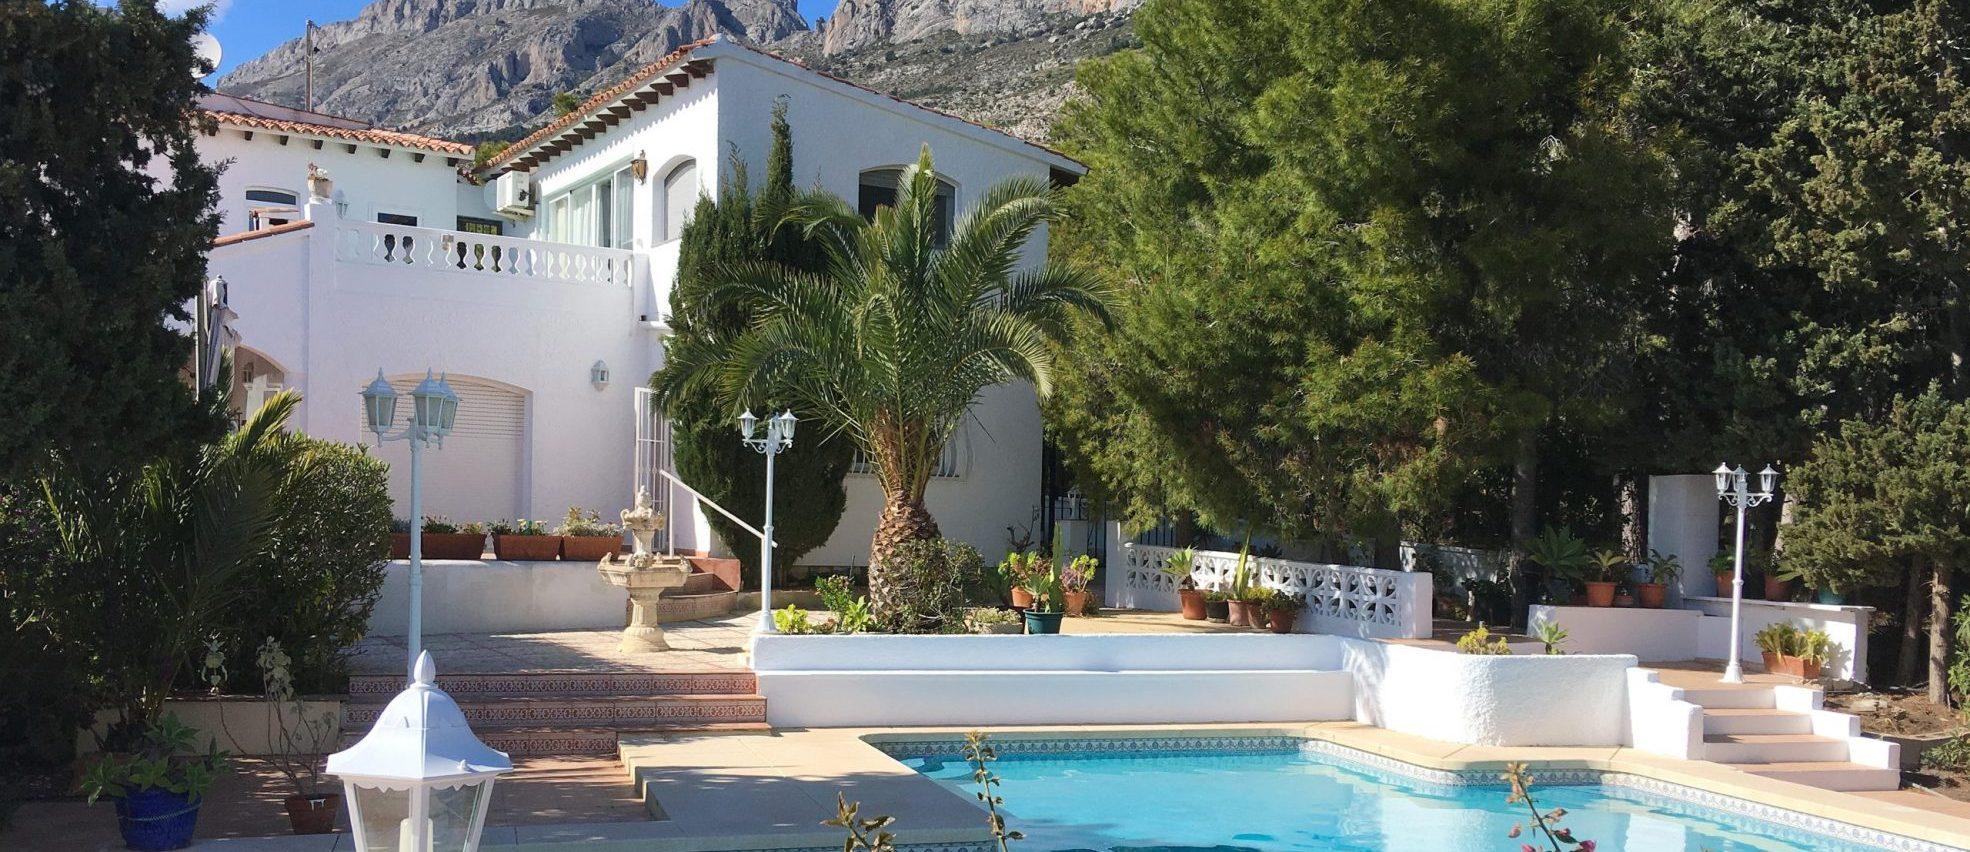 Villa recientemente renovada en alquiler en Altea La Vieja – Alicante